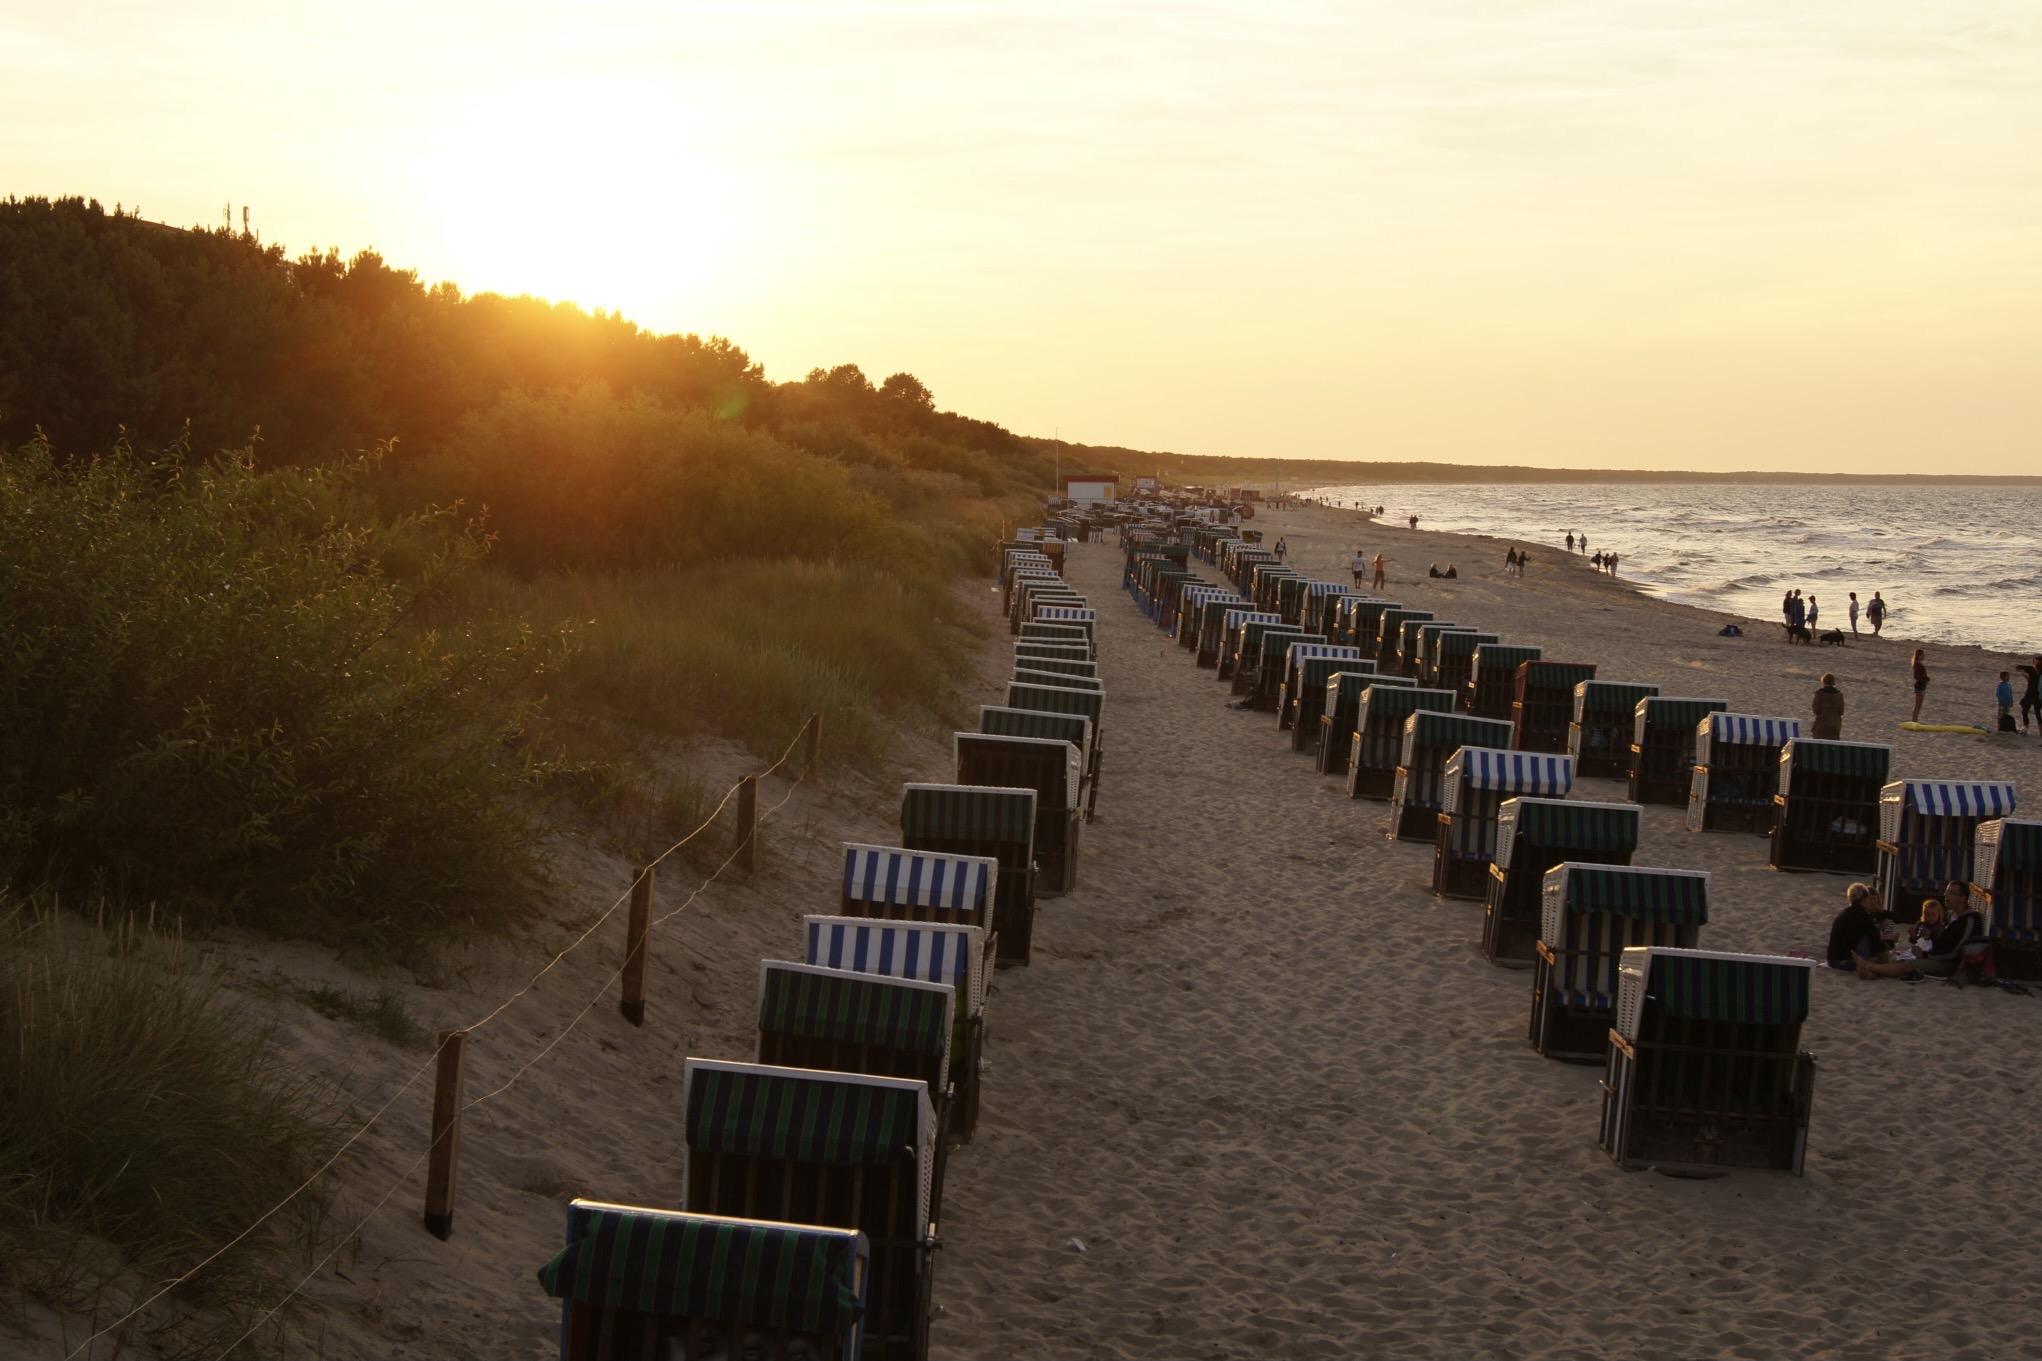 Die Ostsee ist ein gutes Reiseziel im Mai